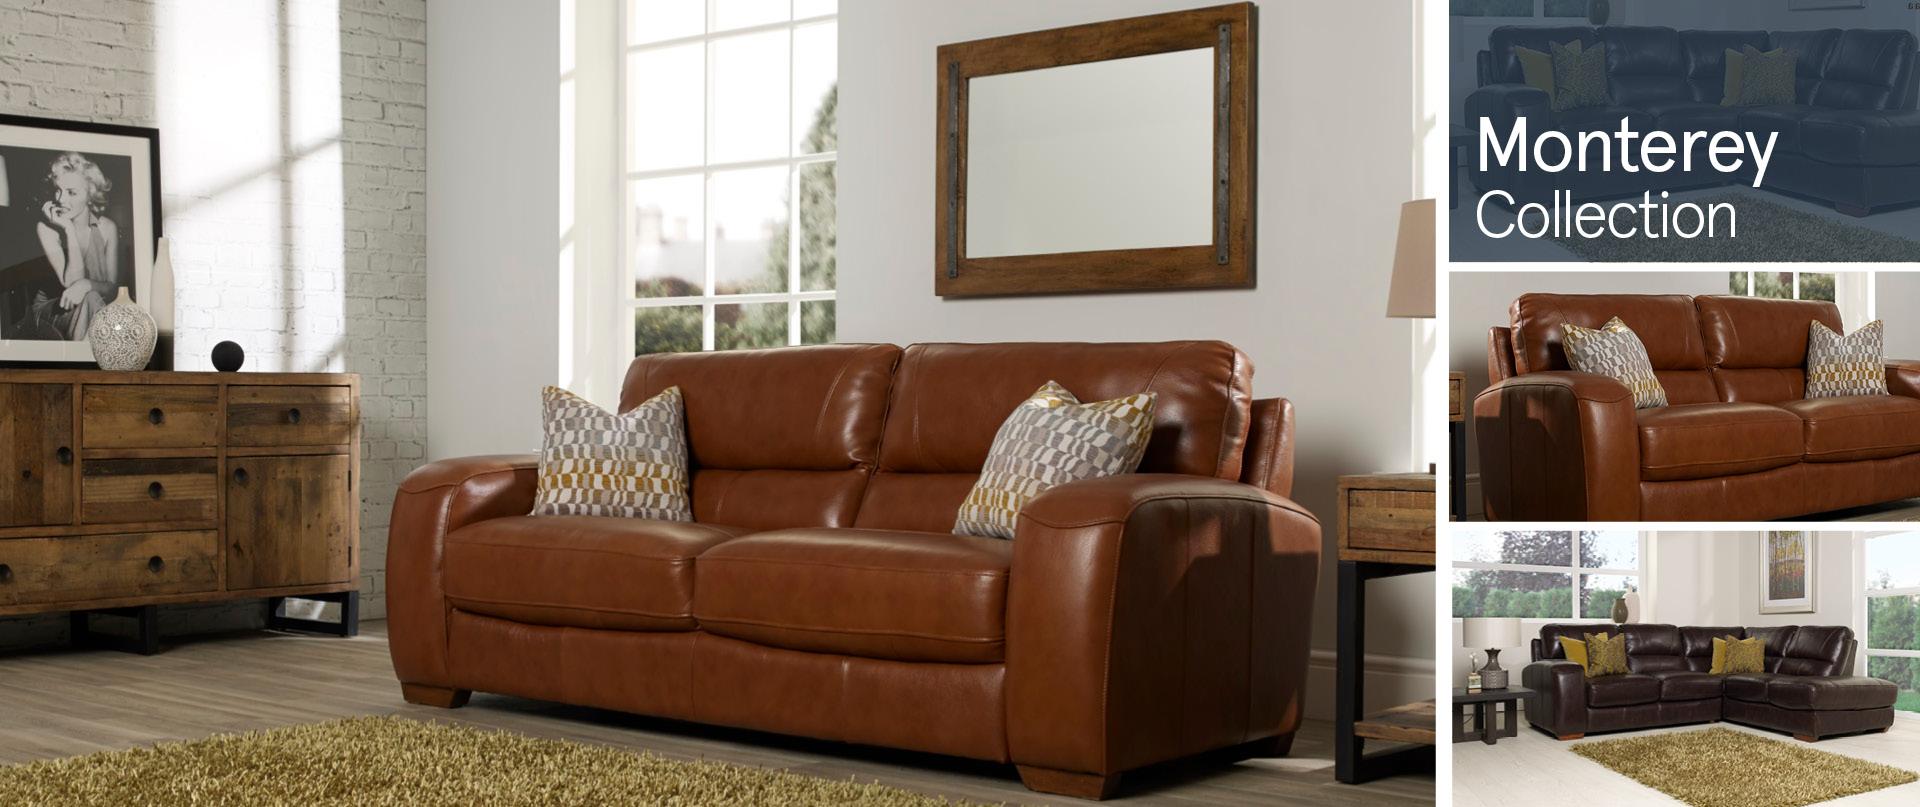 Monterey Leather Sofa Ranges